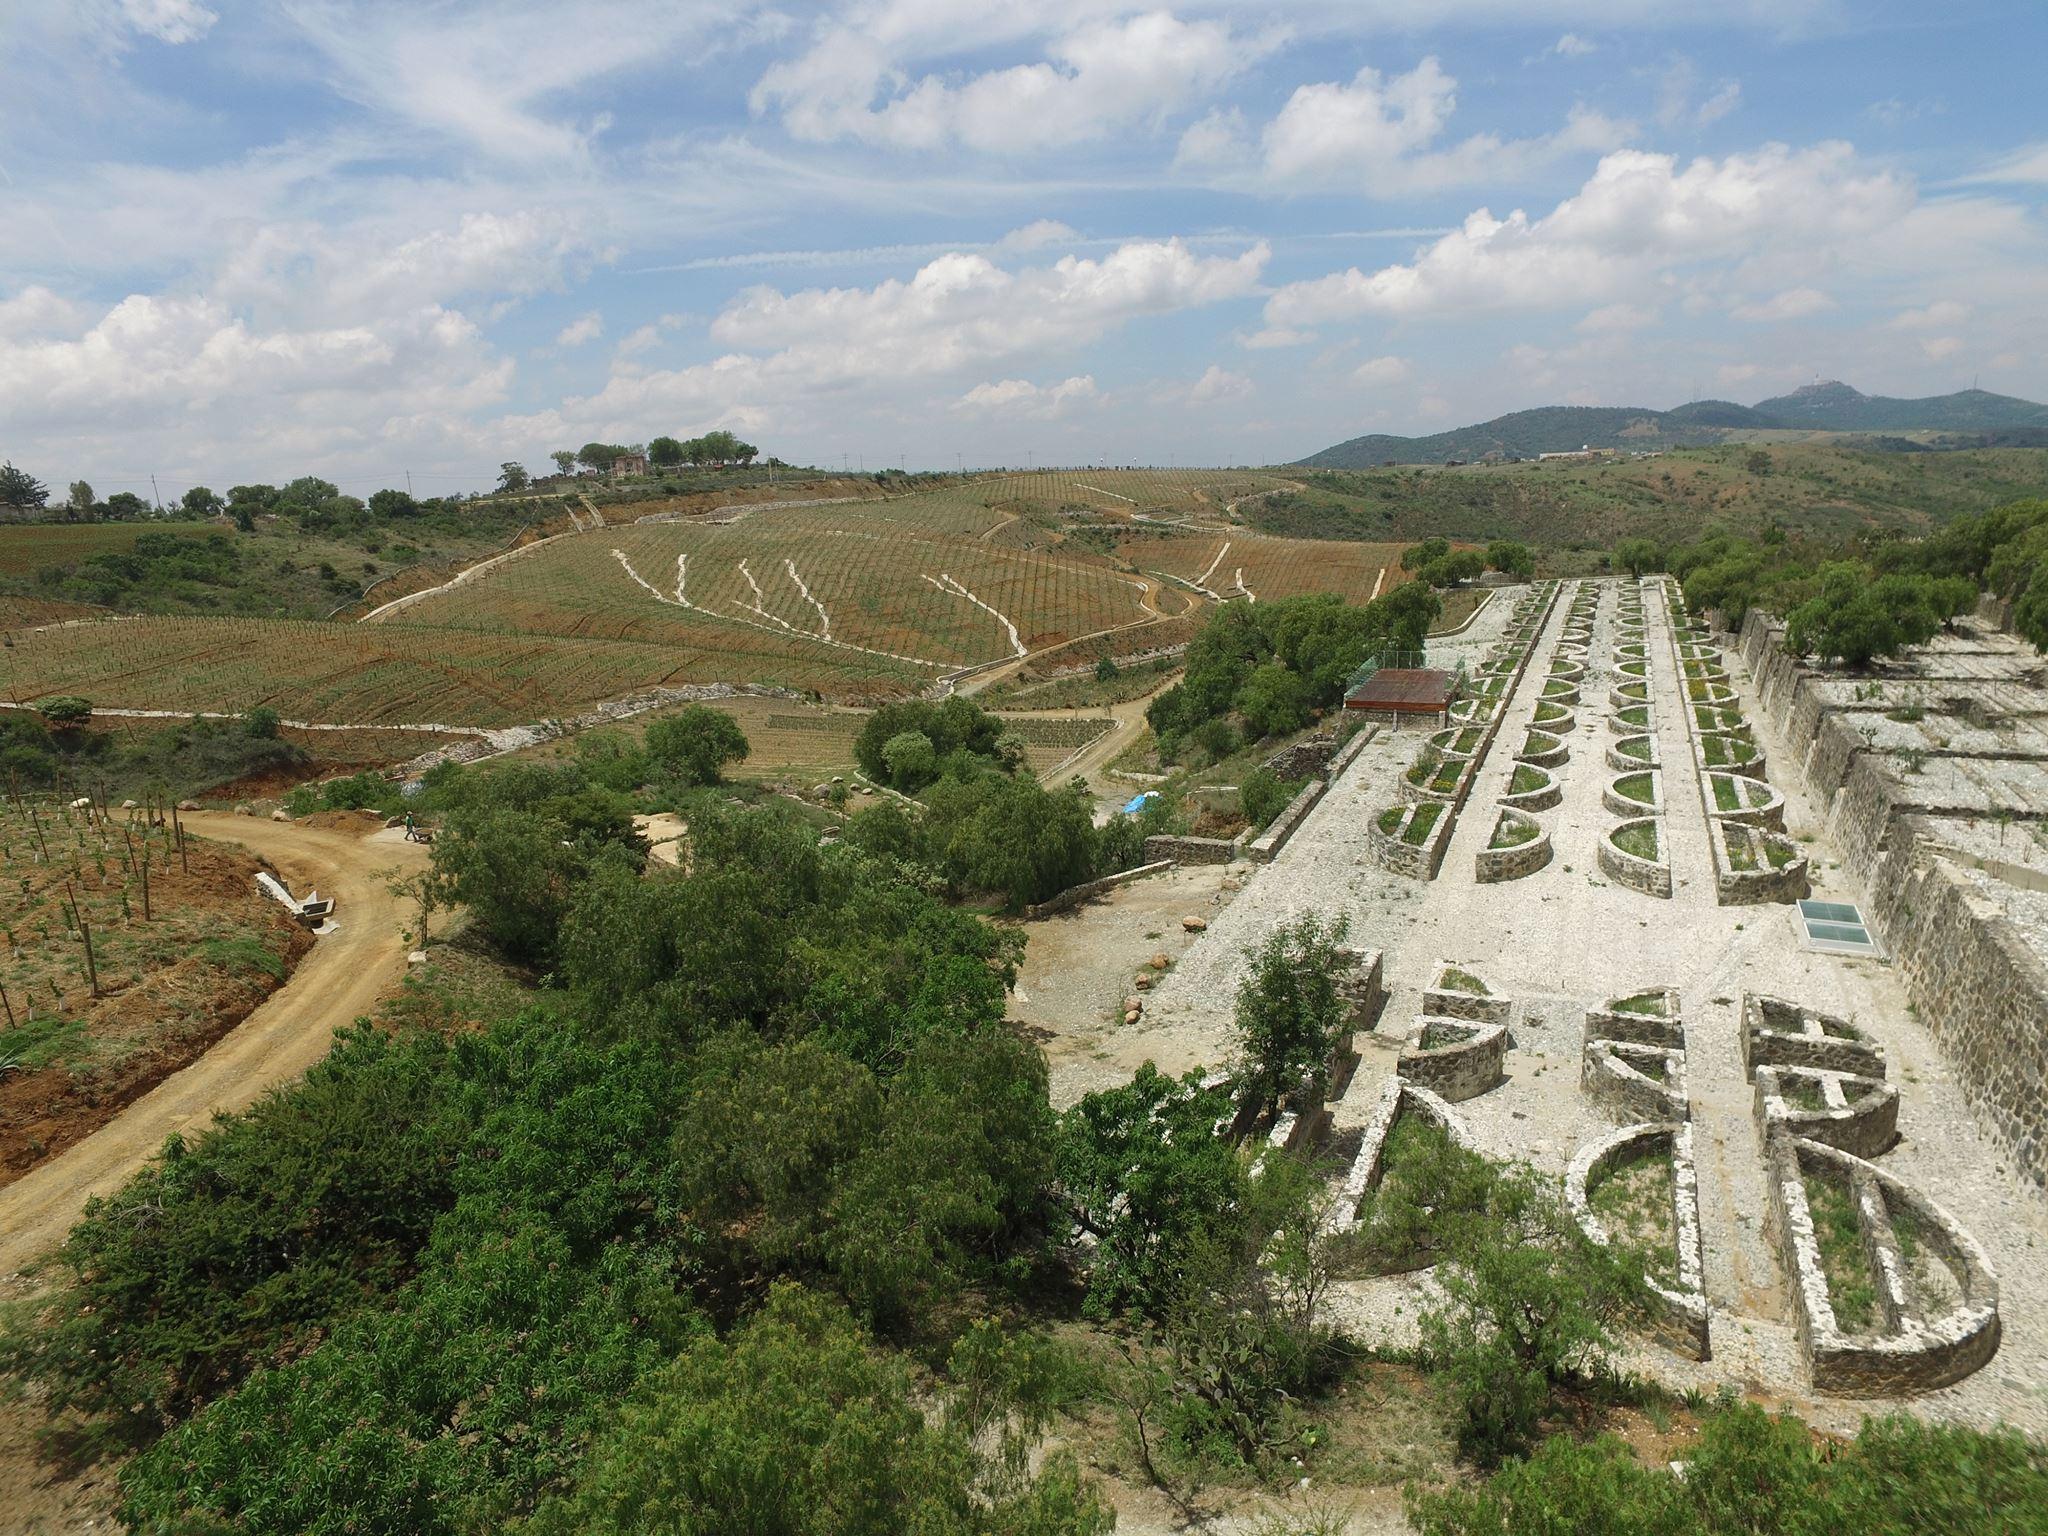 Caminos D' Vinos Vineyard